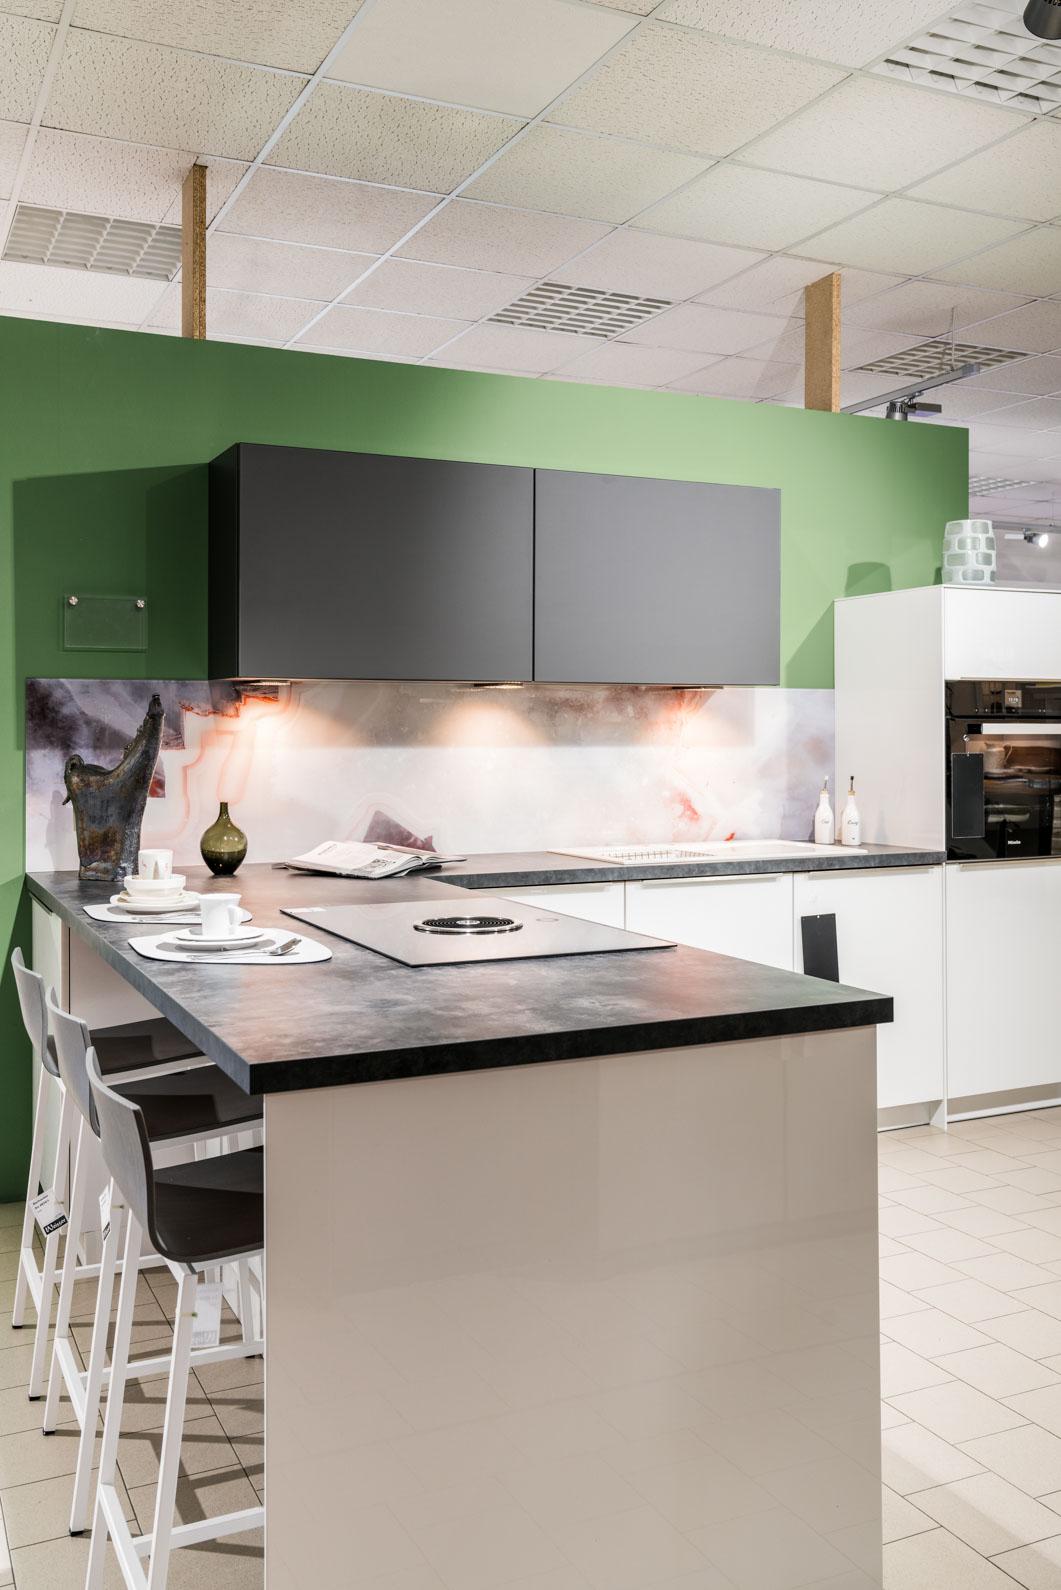 Weisser Küchenstudio Showroom Küche mit Barhockern